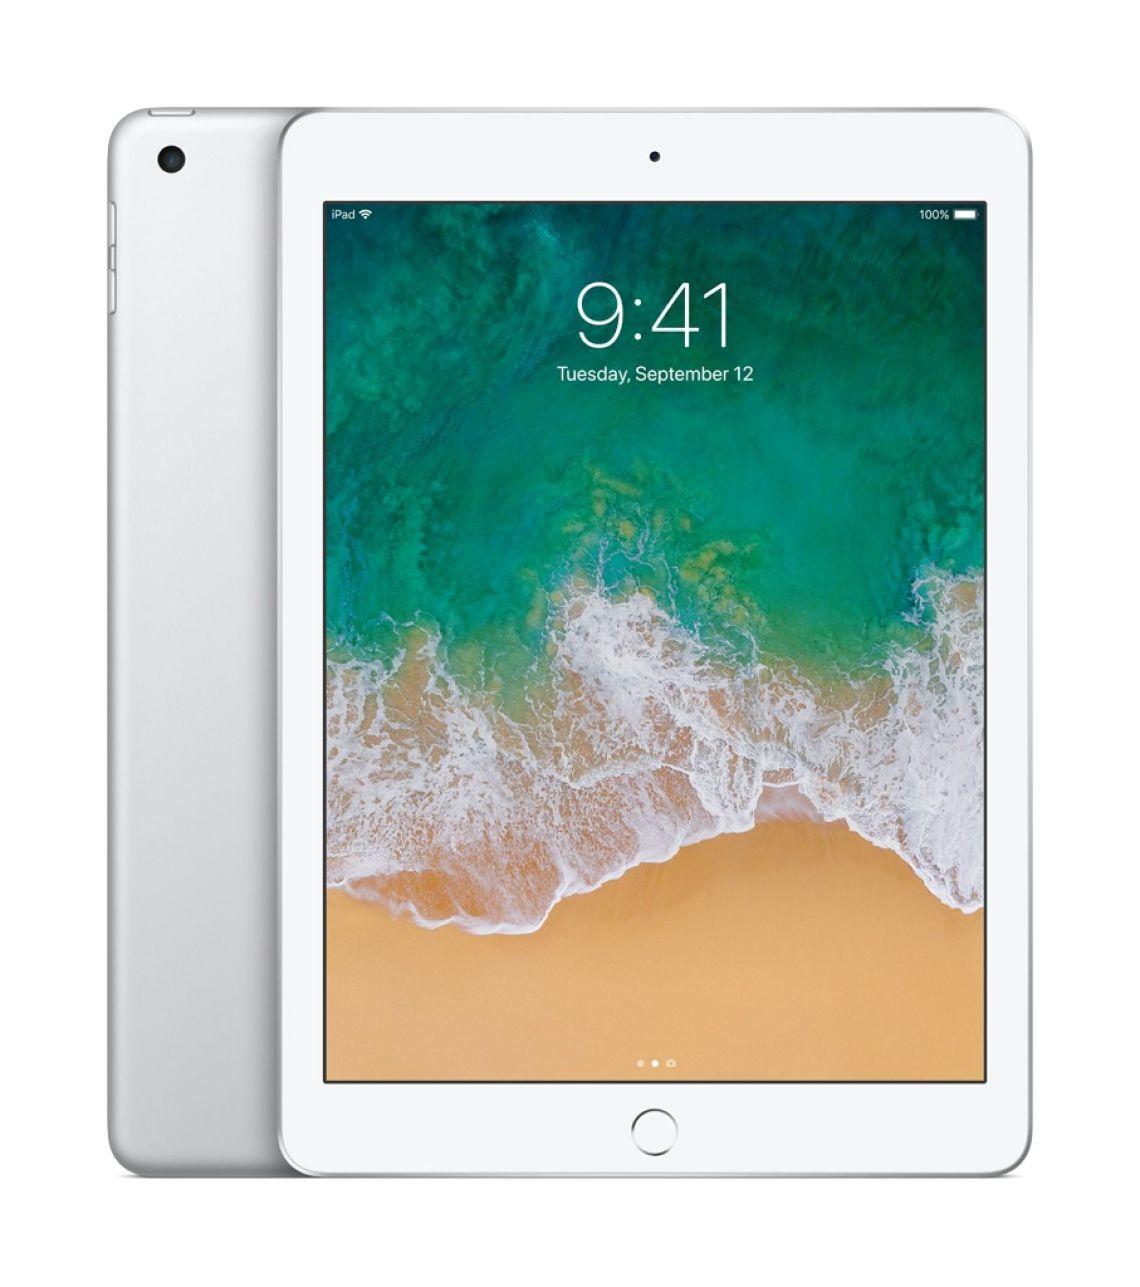 Apple iPad (5th Generation) 32GB Wi-Fi Silver - Walmart.com